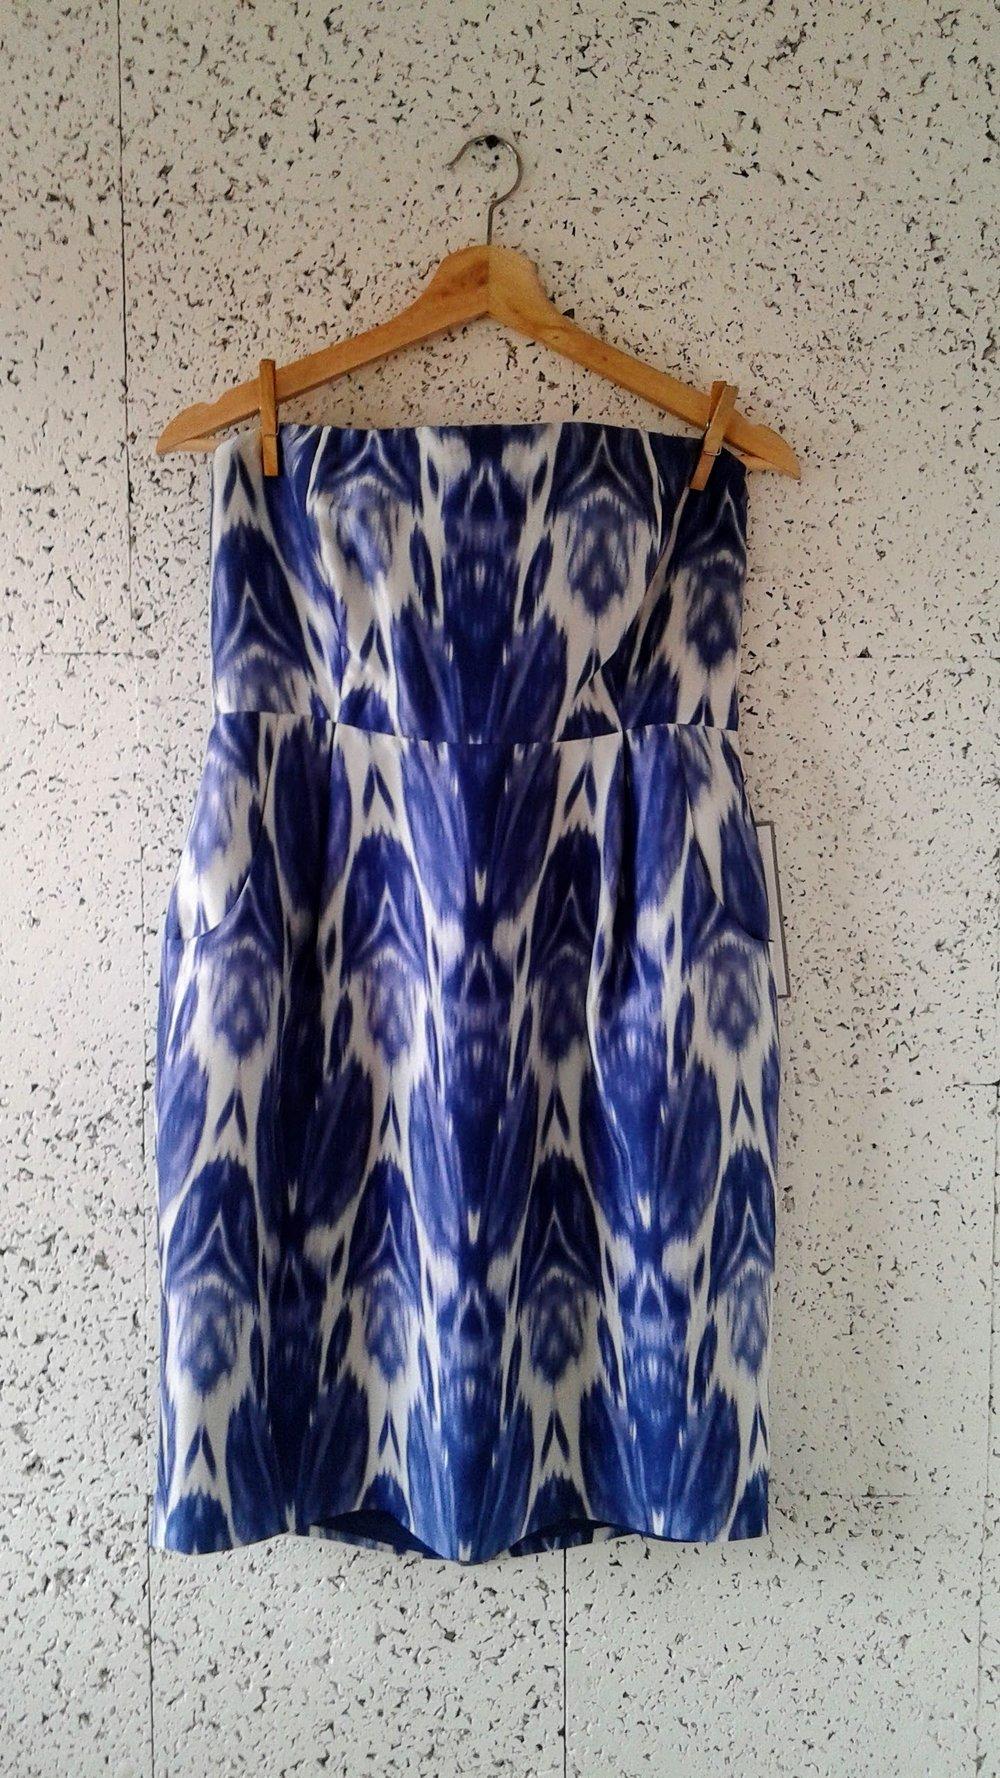 JCrew dress (NWT); Size 8, $42